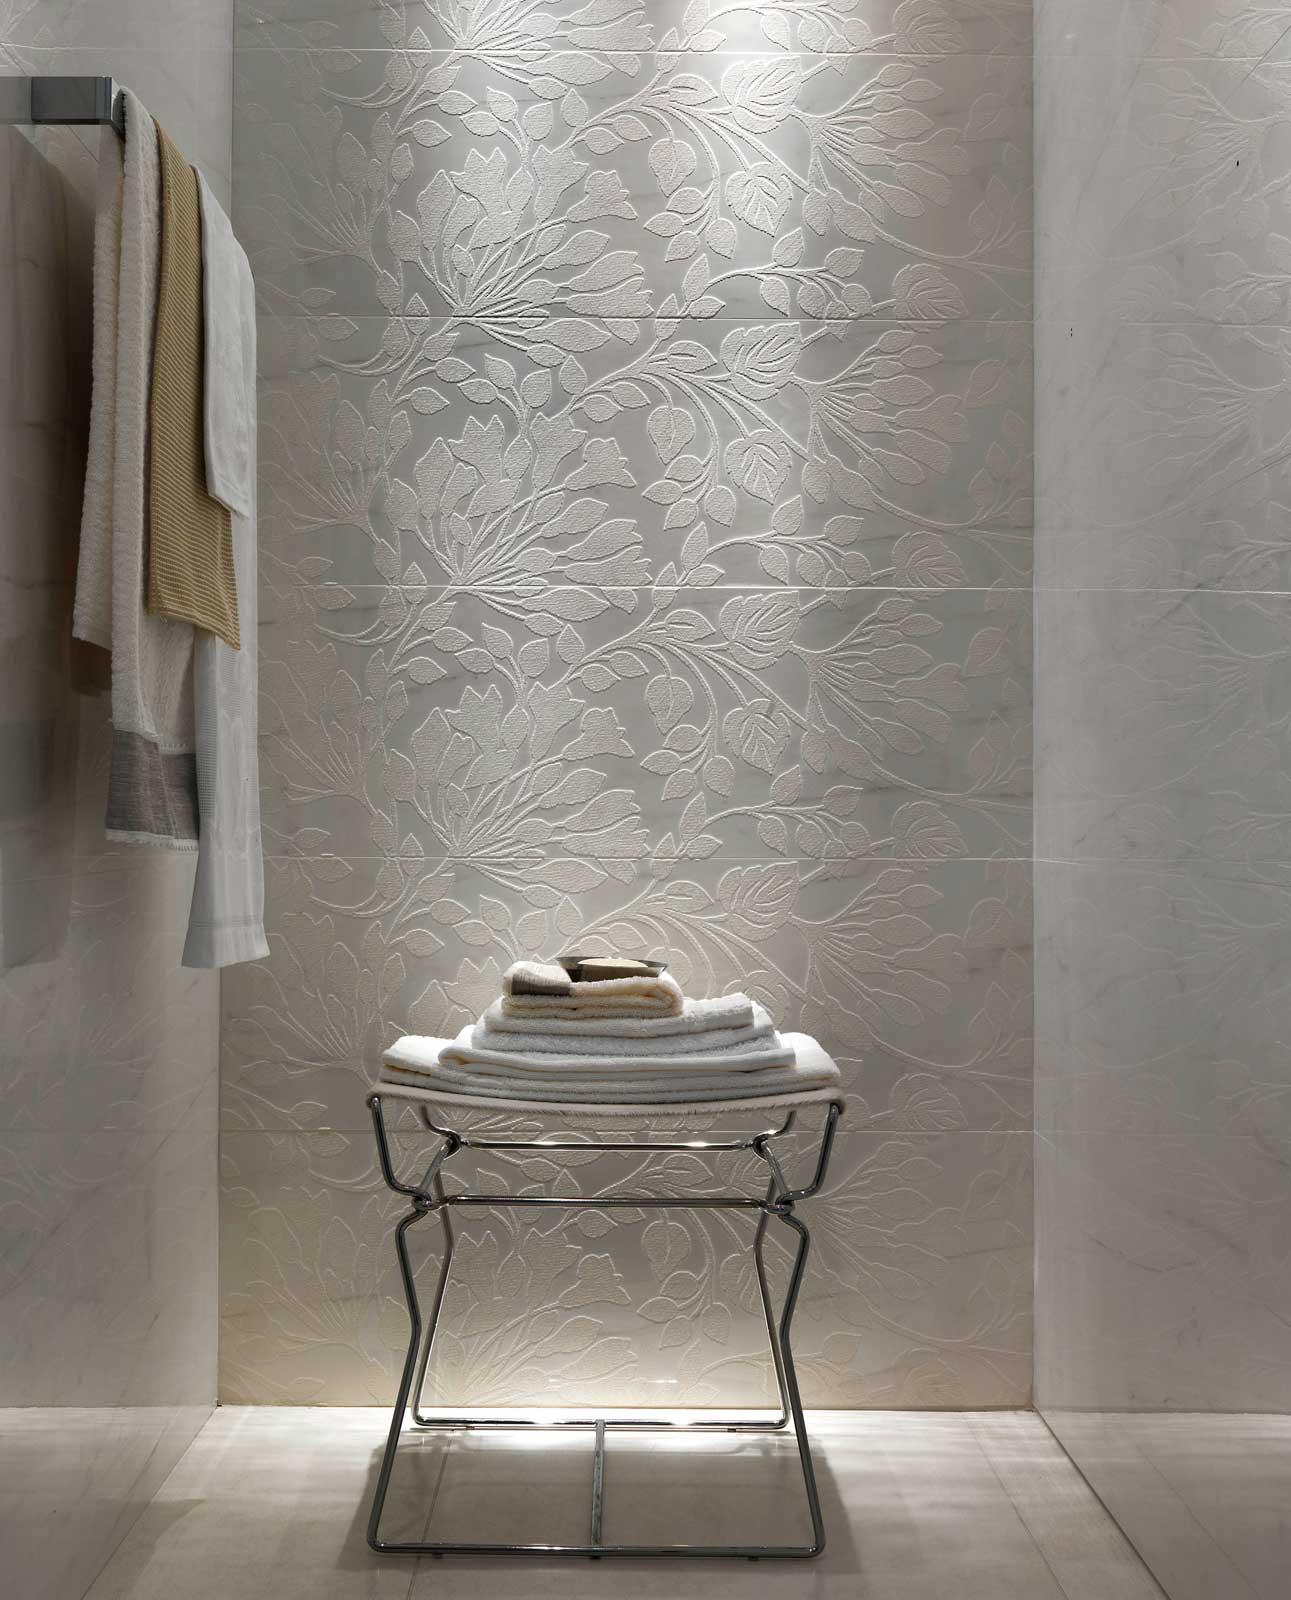 Stonevision glossy porcelain marazzi Marazzi tile